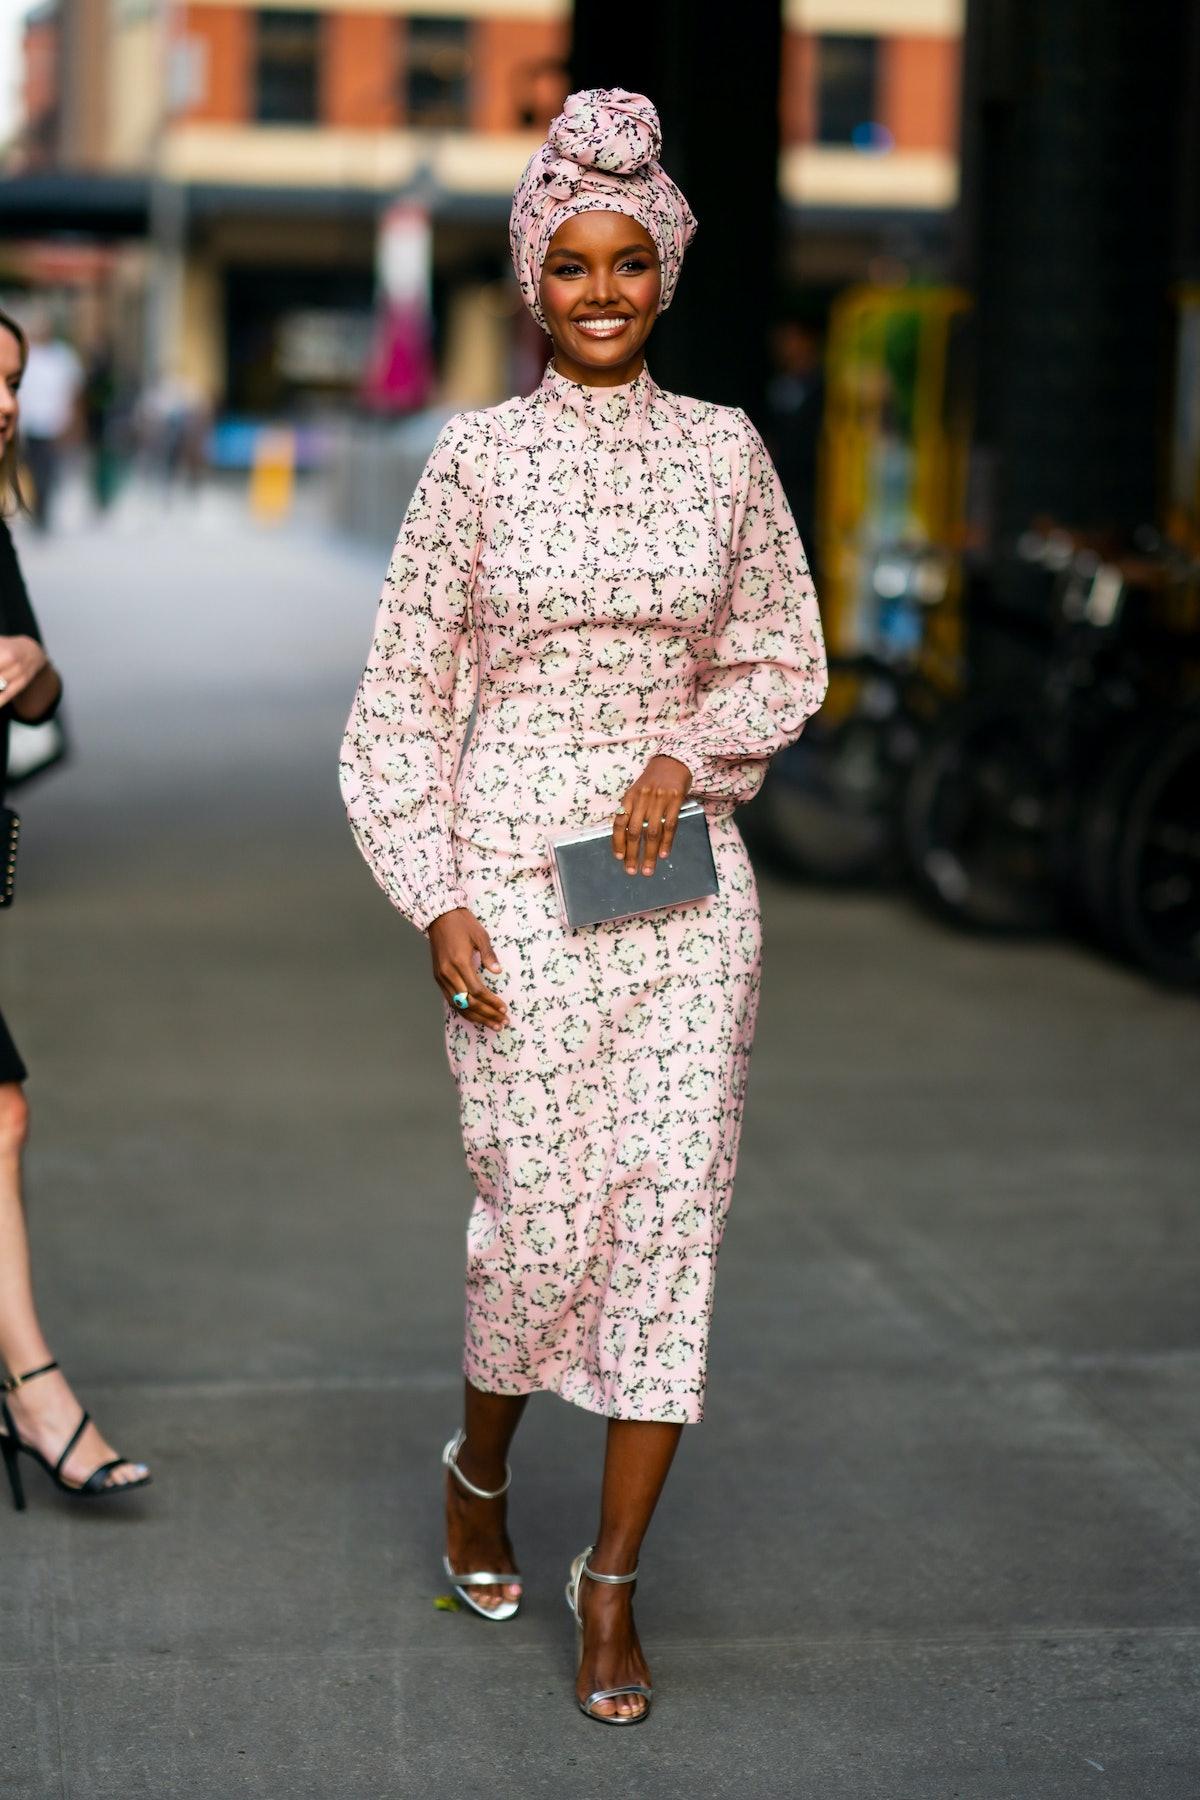 Celebrity Sightings In New York City - September 04, 2019